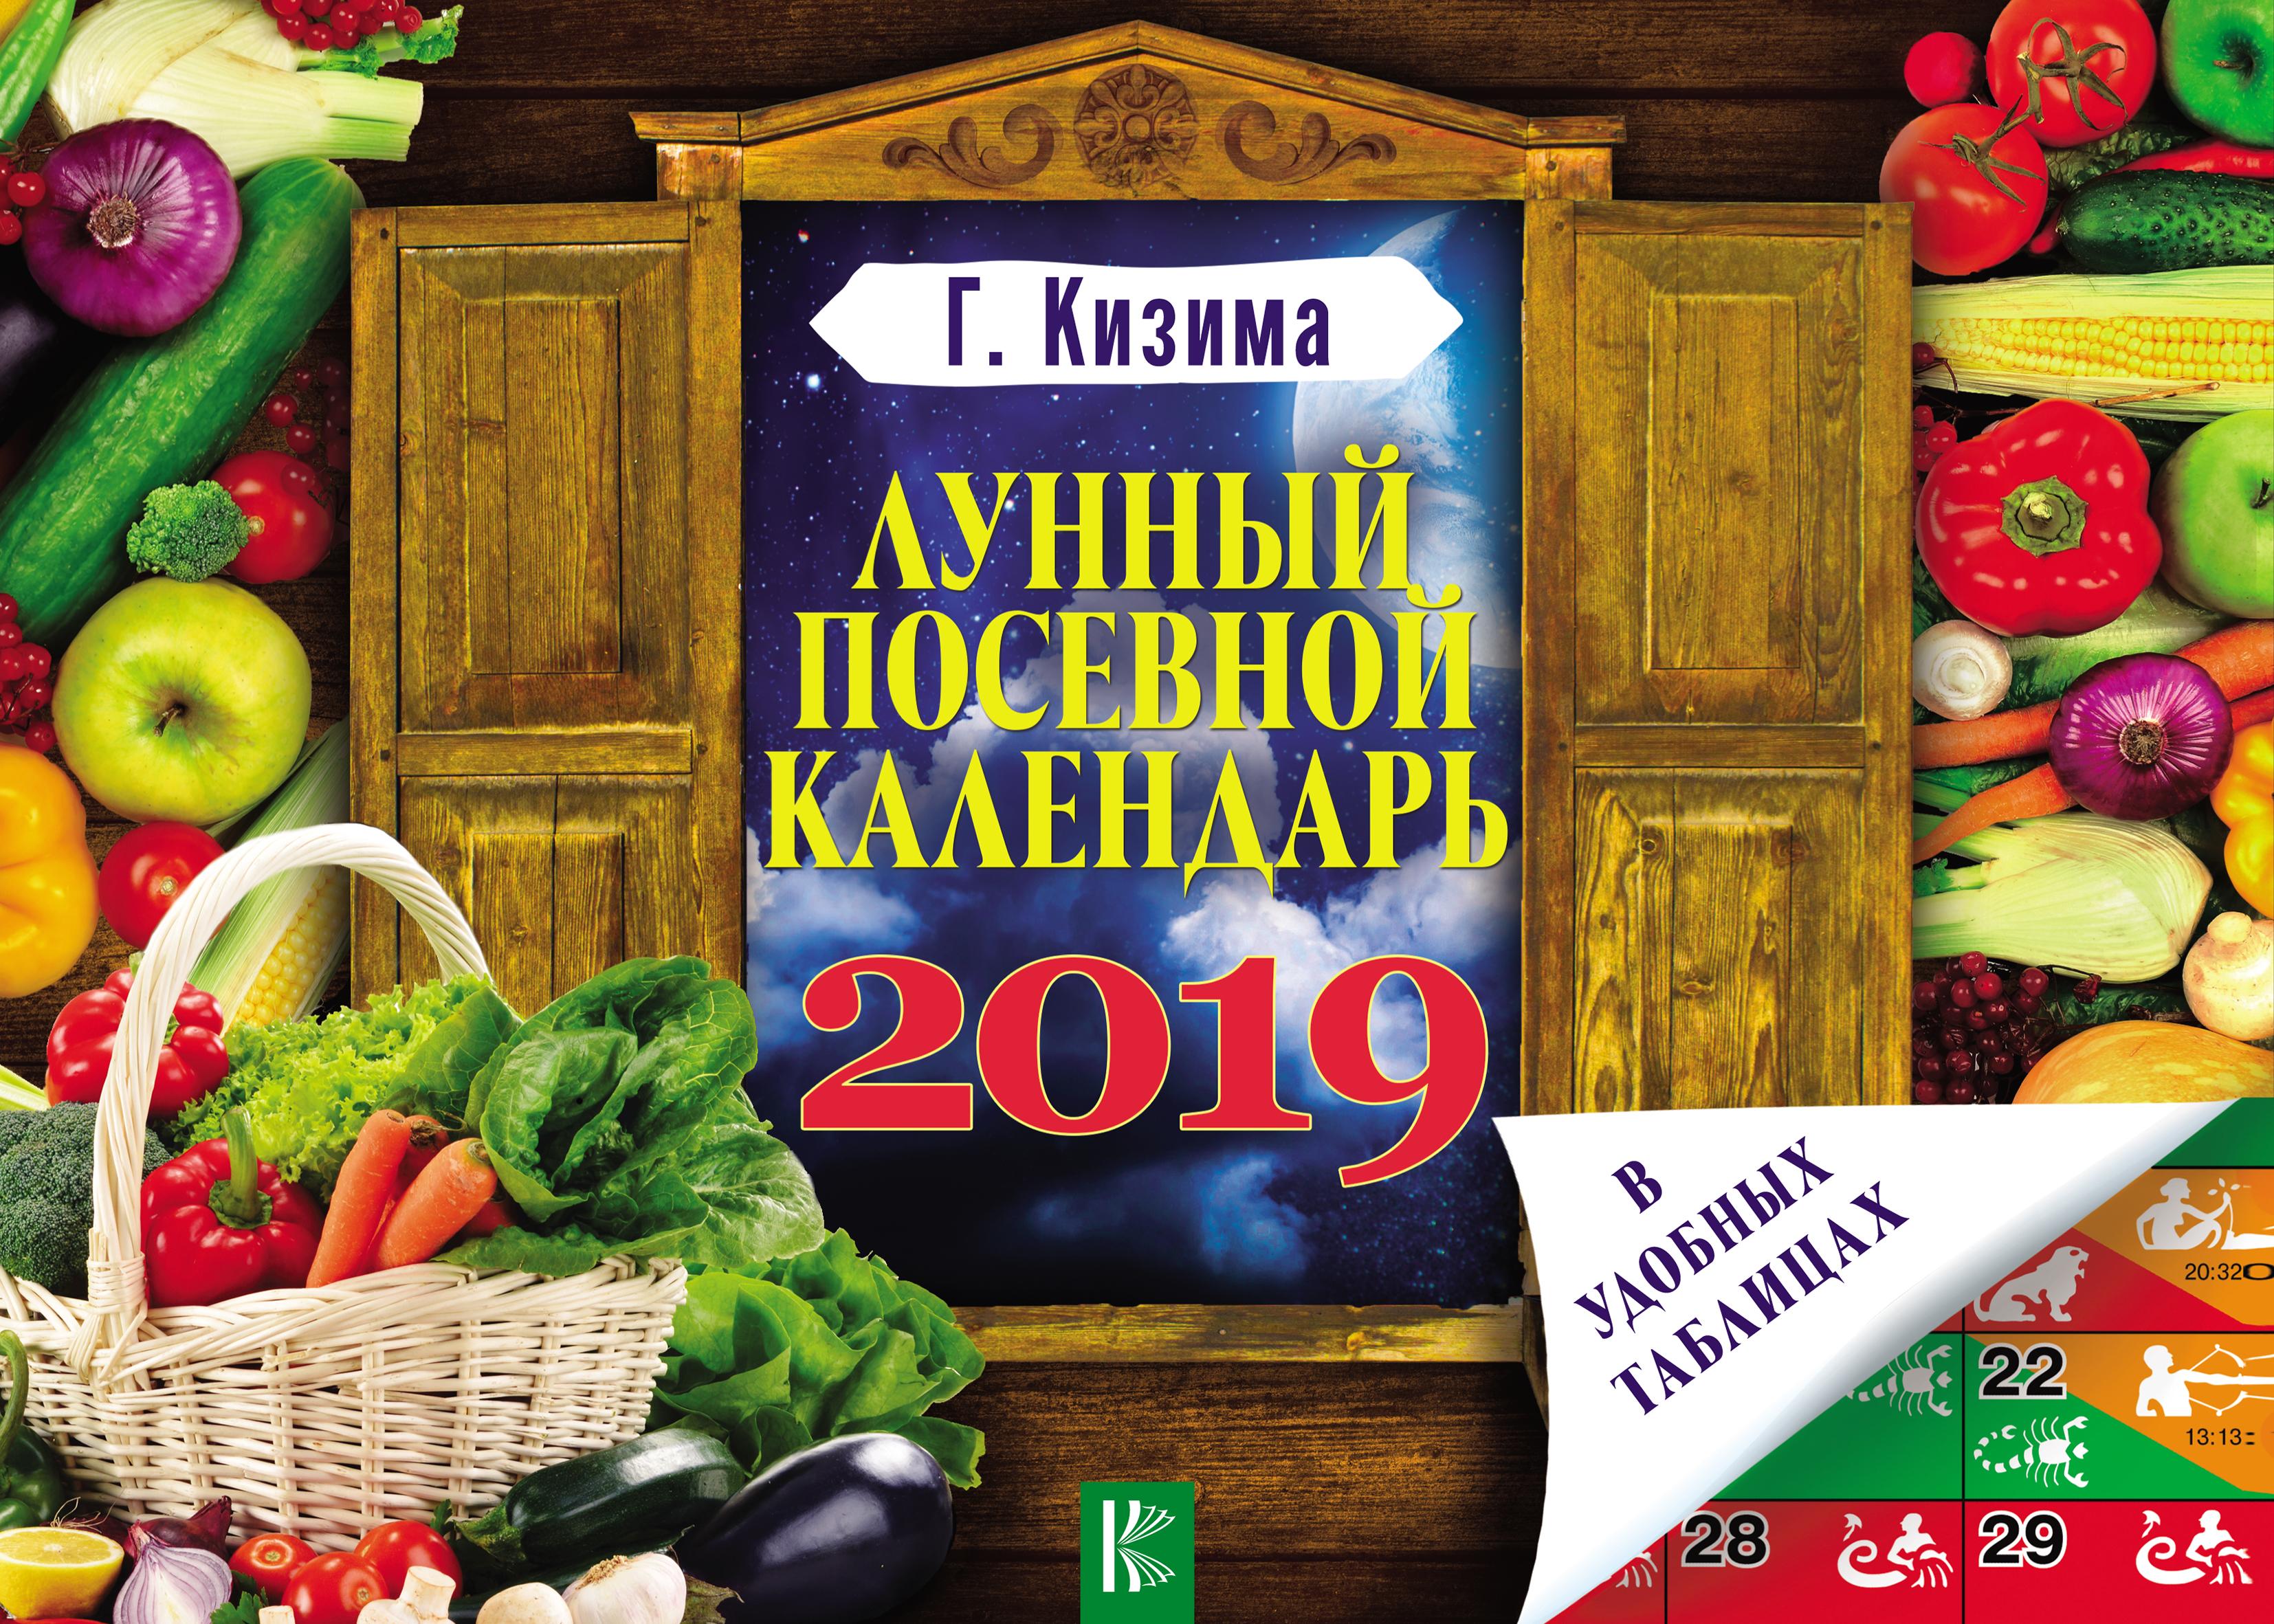 Галина Кизима Лунный посевной календарь в удобных таблицах на 2019 год